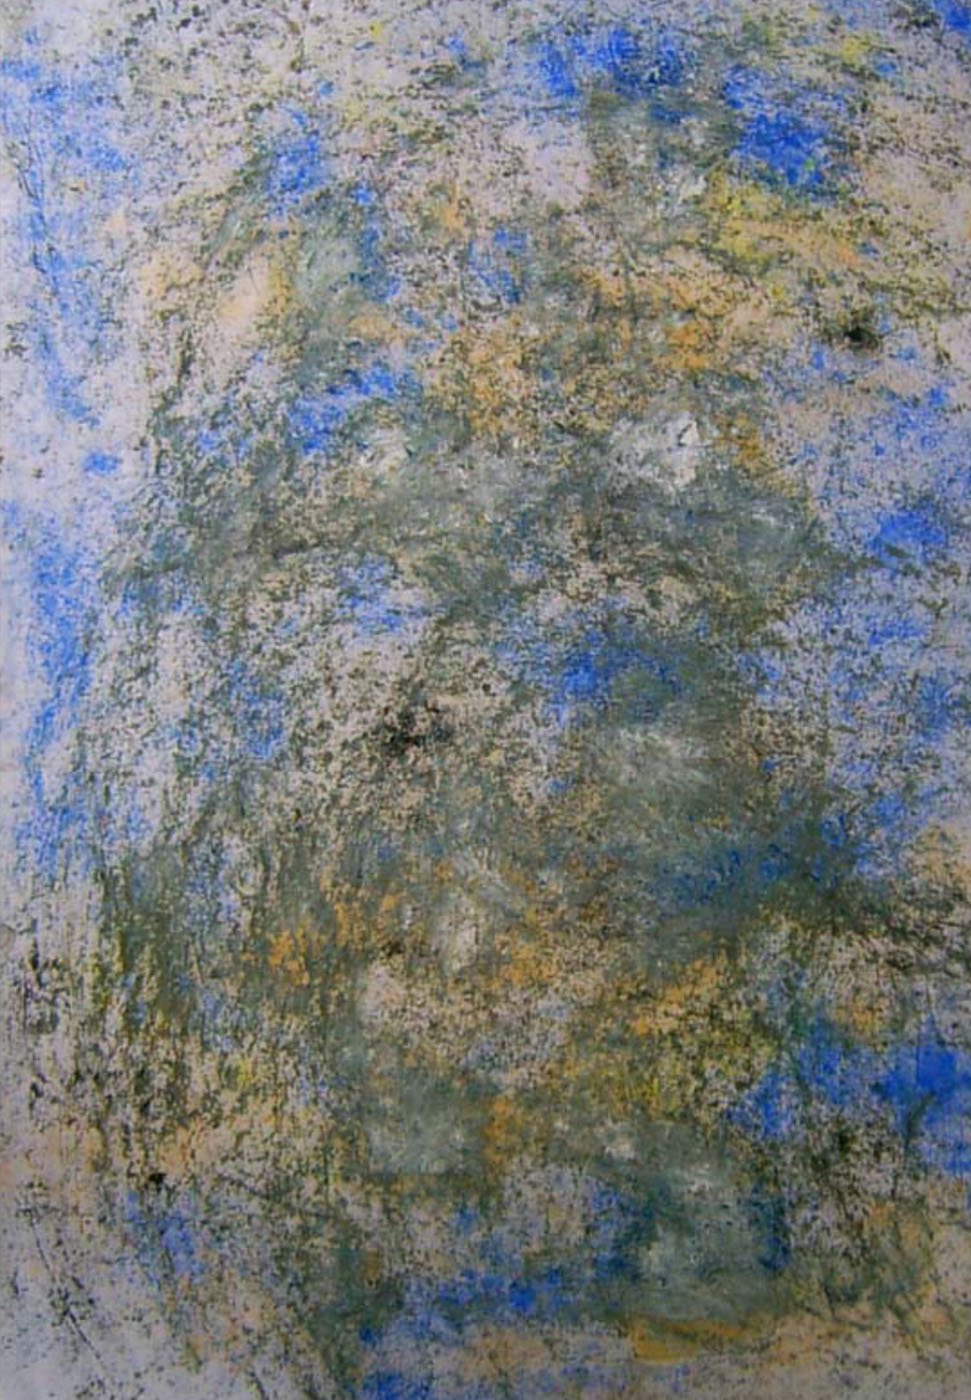 MARC FELD 2012 VIGILANCE  Huile et pigment sur papier  52 x 117 cm